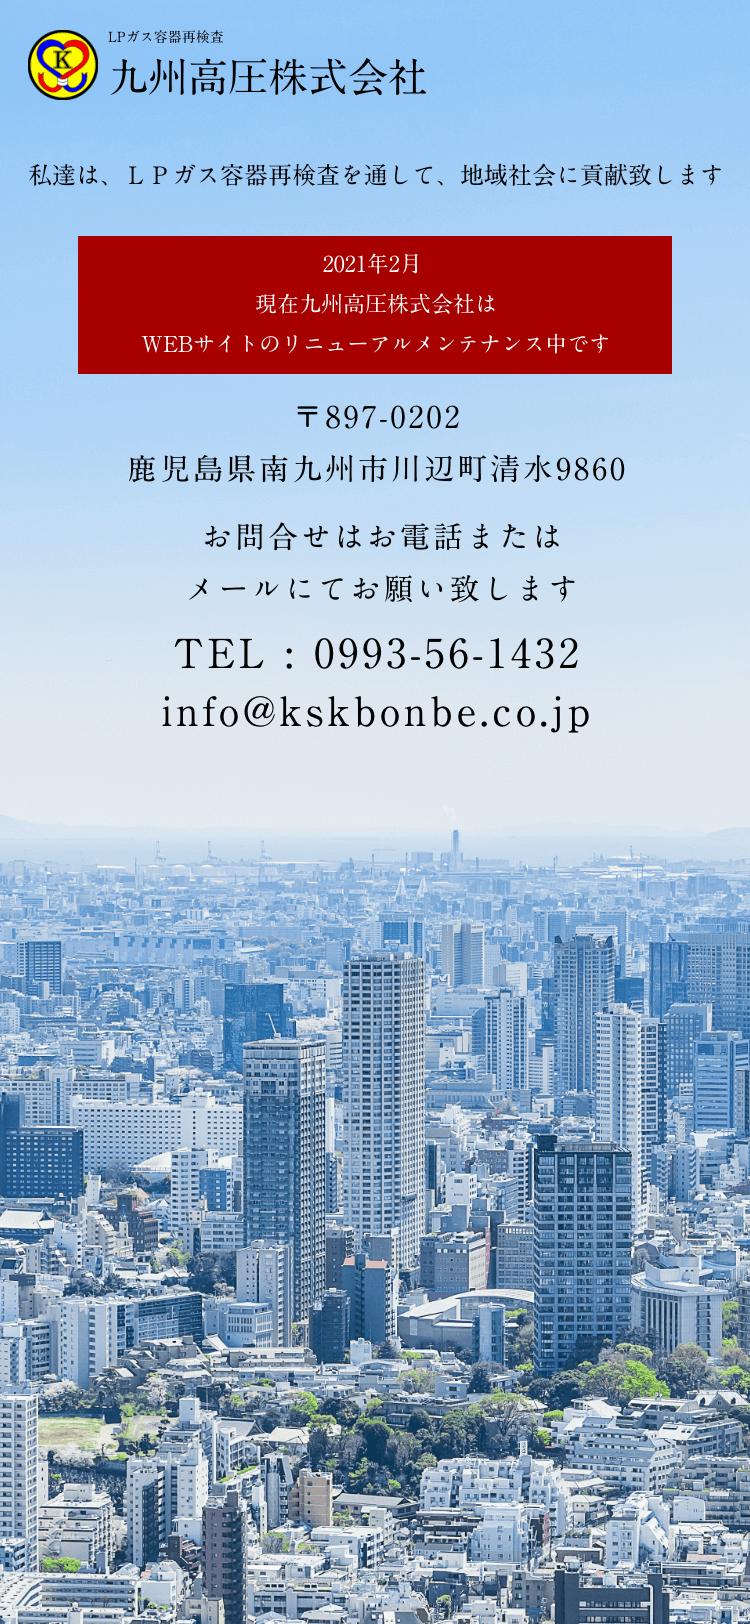 鹿児島 九州高圧株式会社